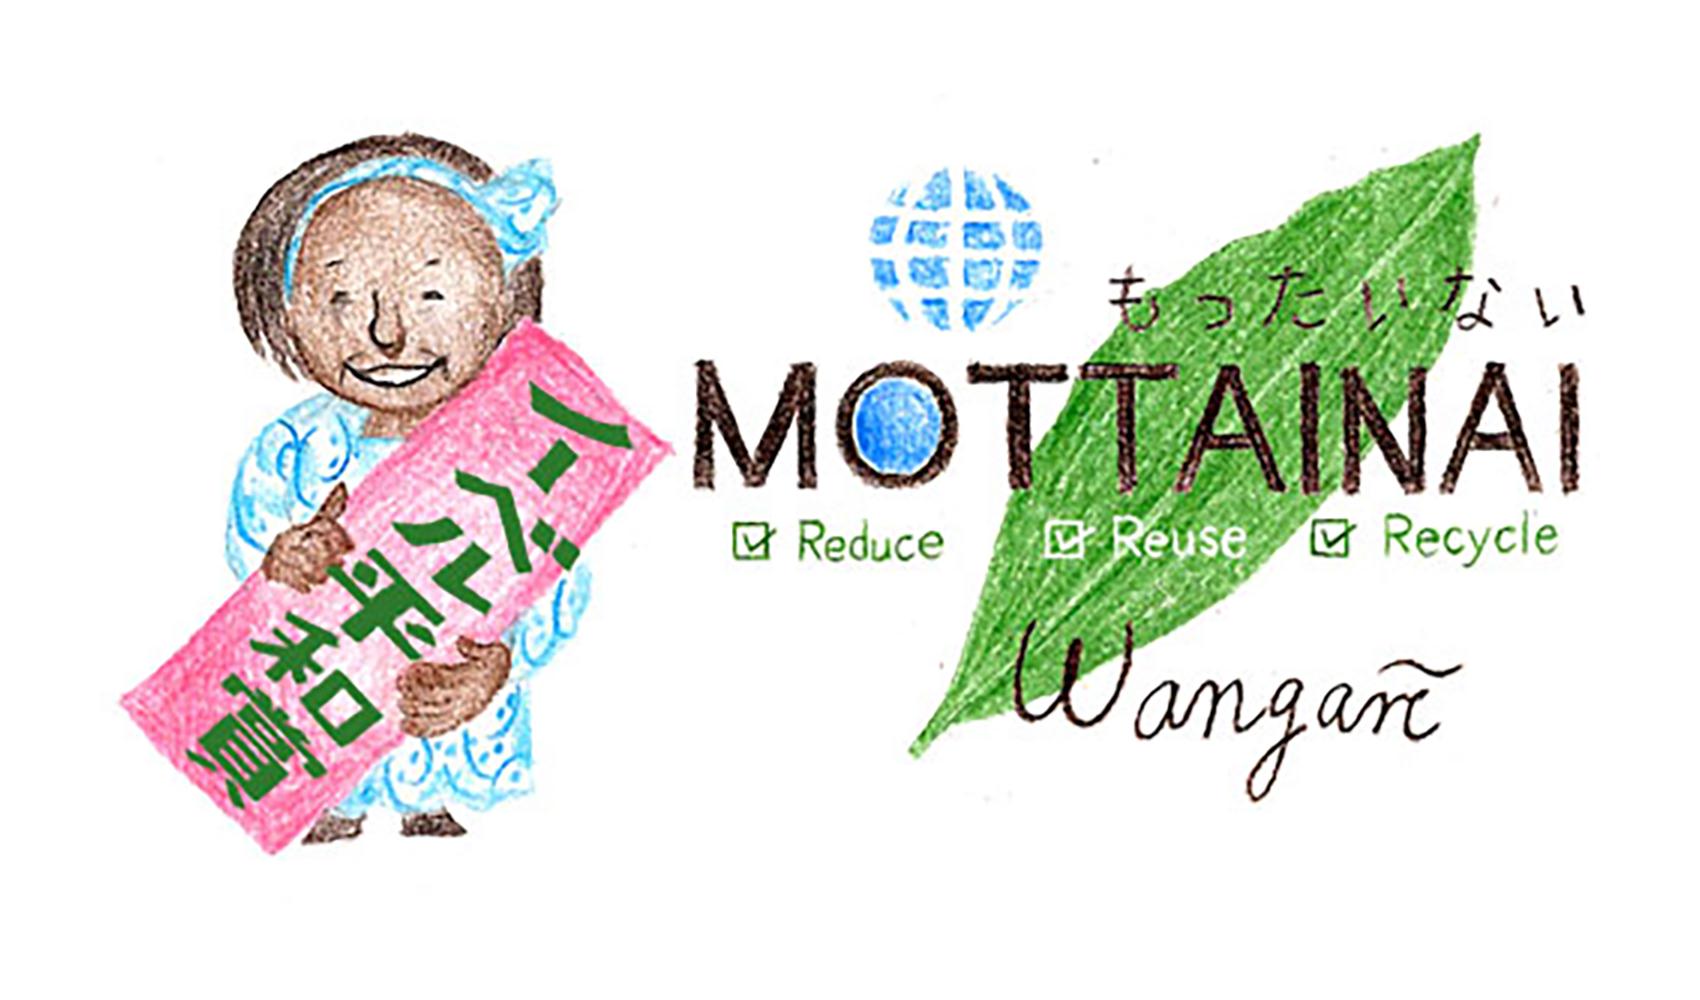 MOTTAINAI(もったいない)を広めたのはだれですか?